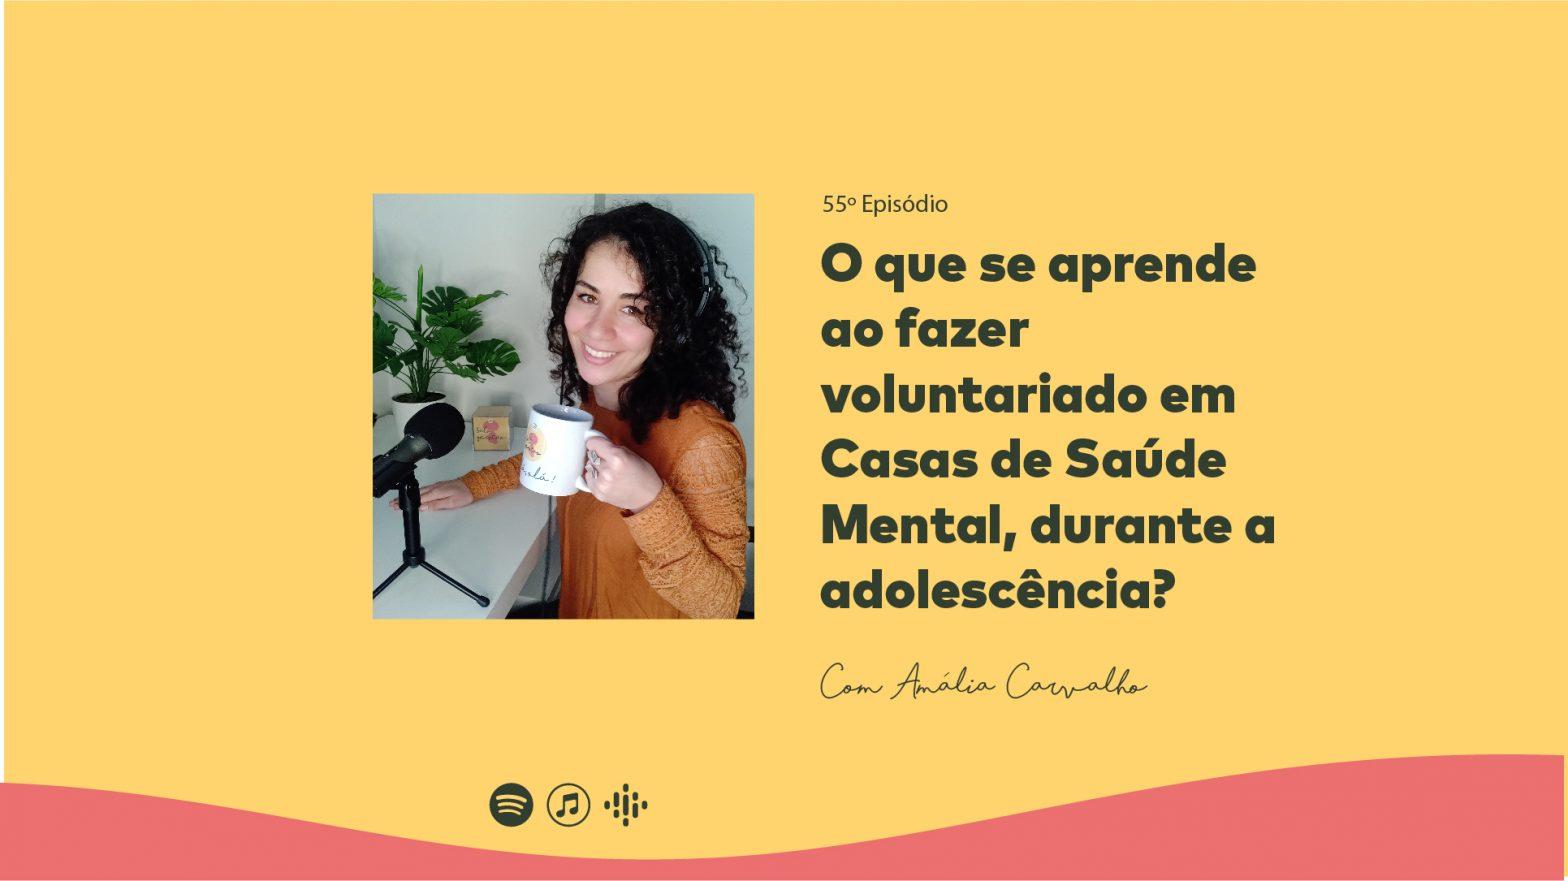 Amália Carvalho podcast Bela Questão